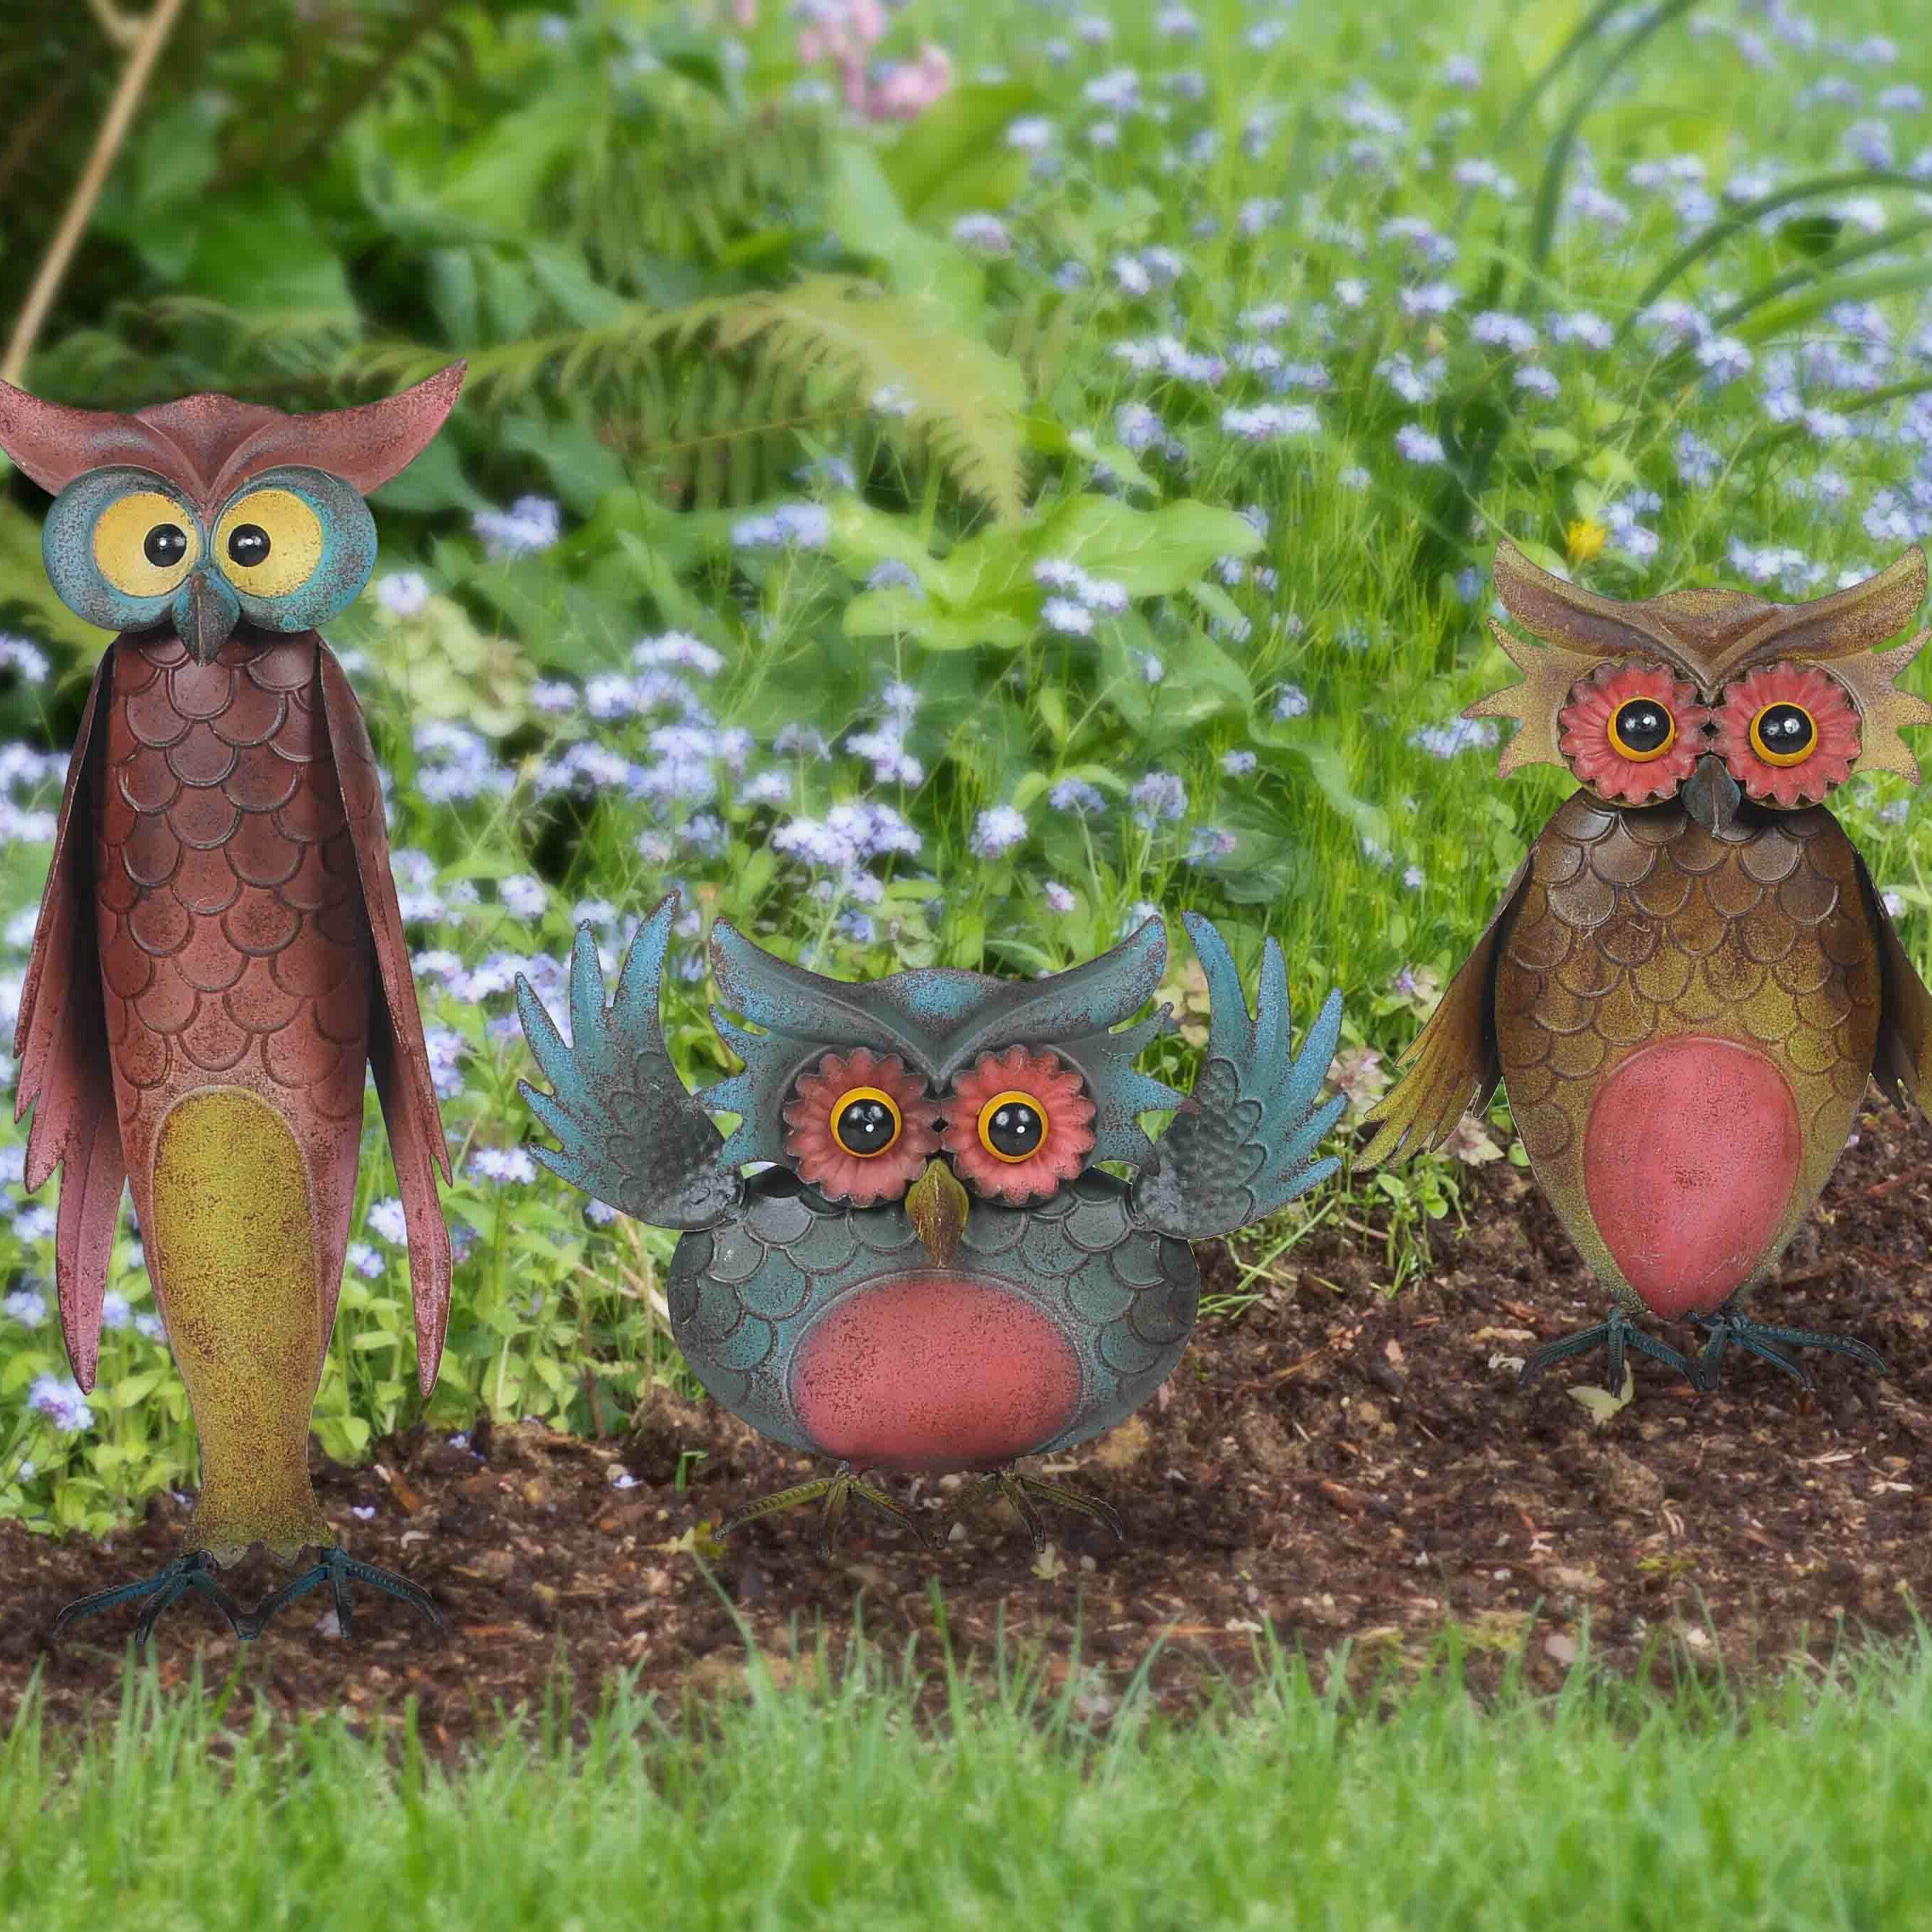 Etonnant Sunjoy Whimsical 3 Piece Owl Garden Statue Set U0026 Reviews | Wayfair